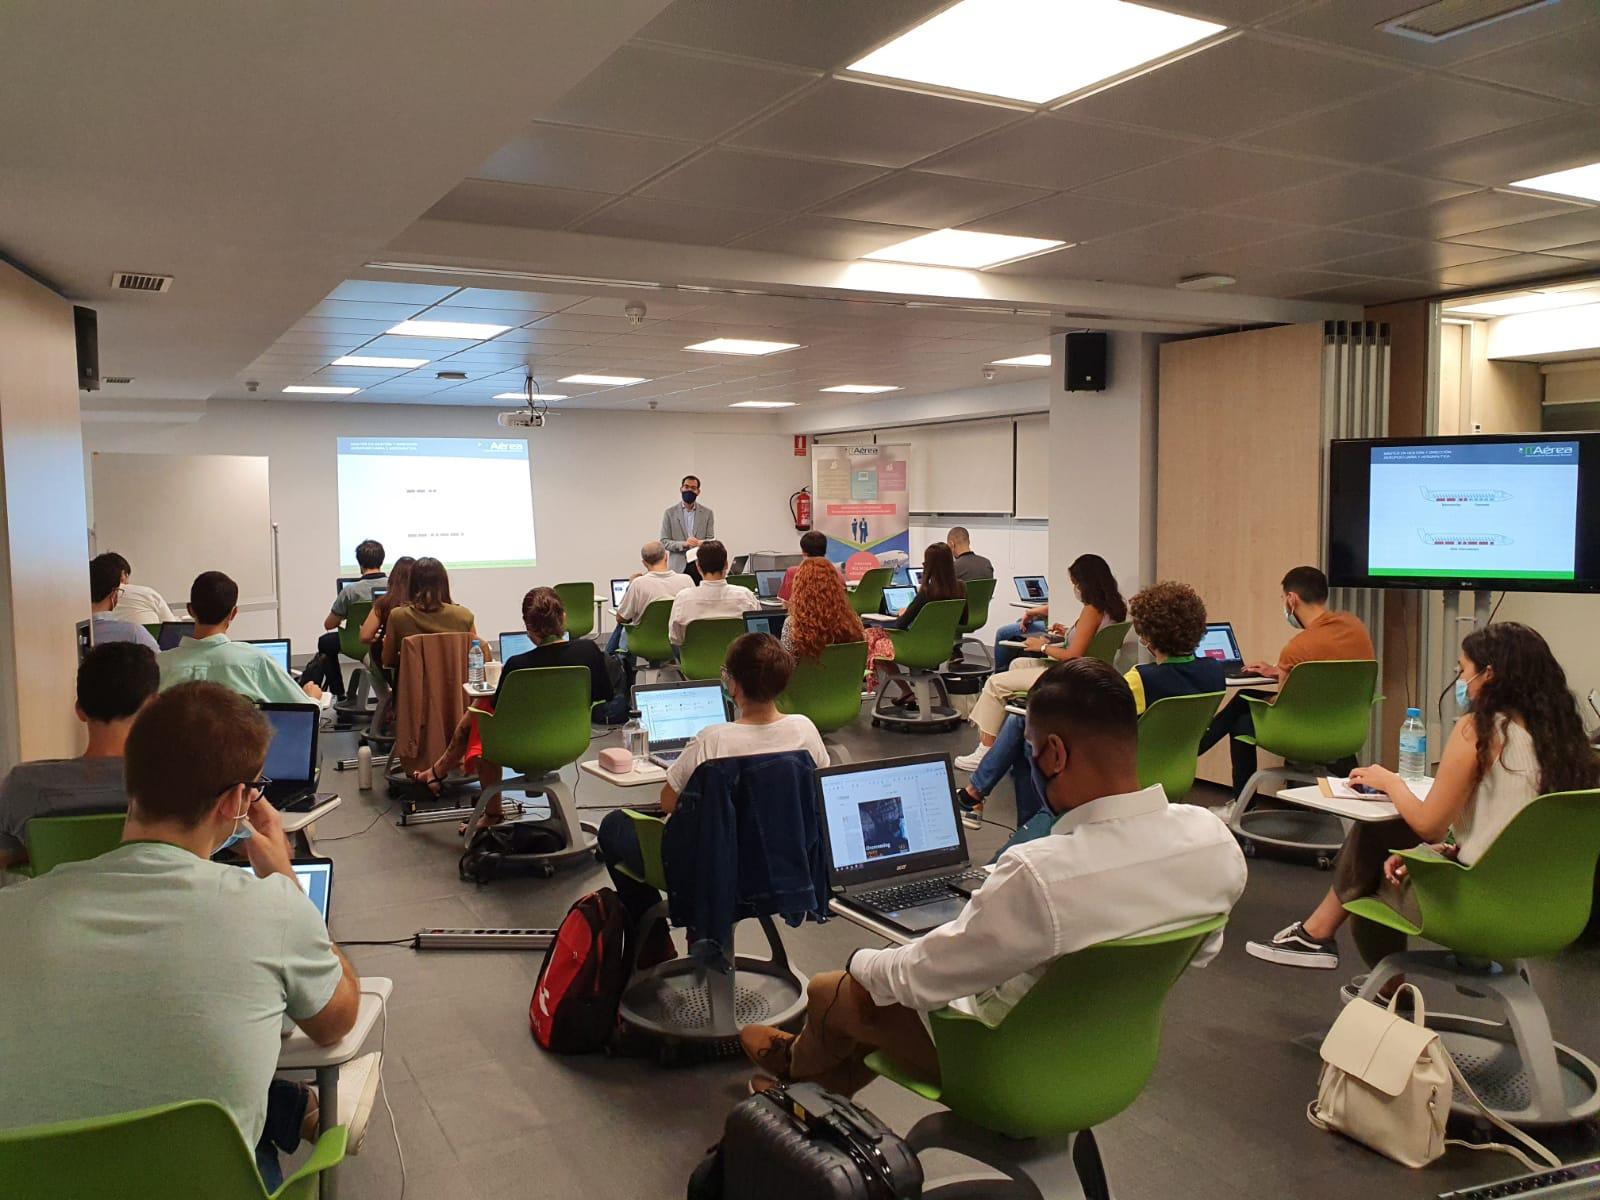 IMG 20200905 WA0000 - Éxito en el regreso a las aulas en las sedes presenciales de ITAérea Aeronautical Business School